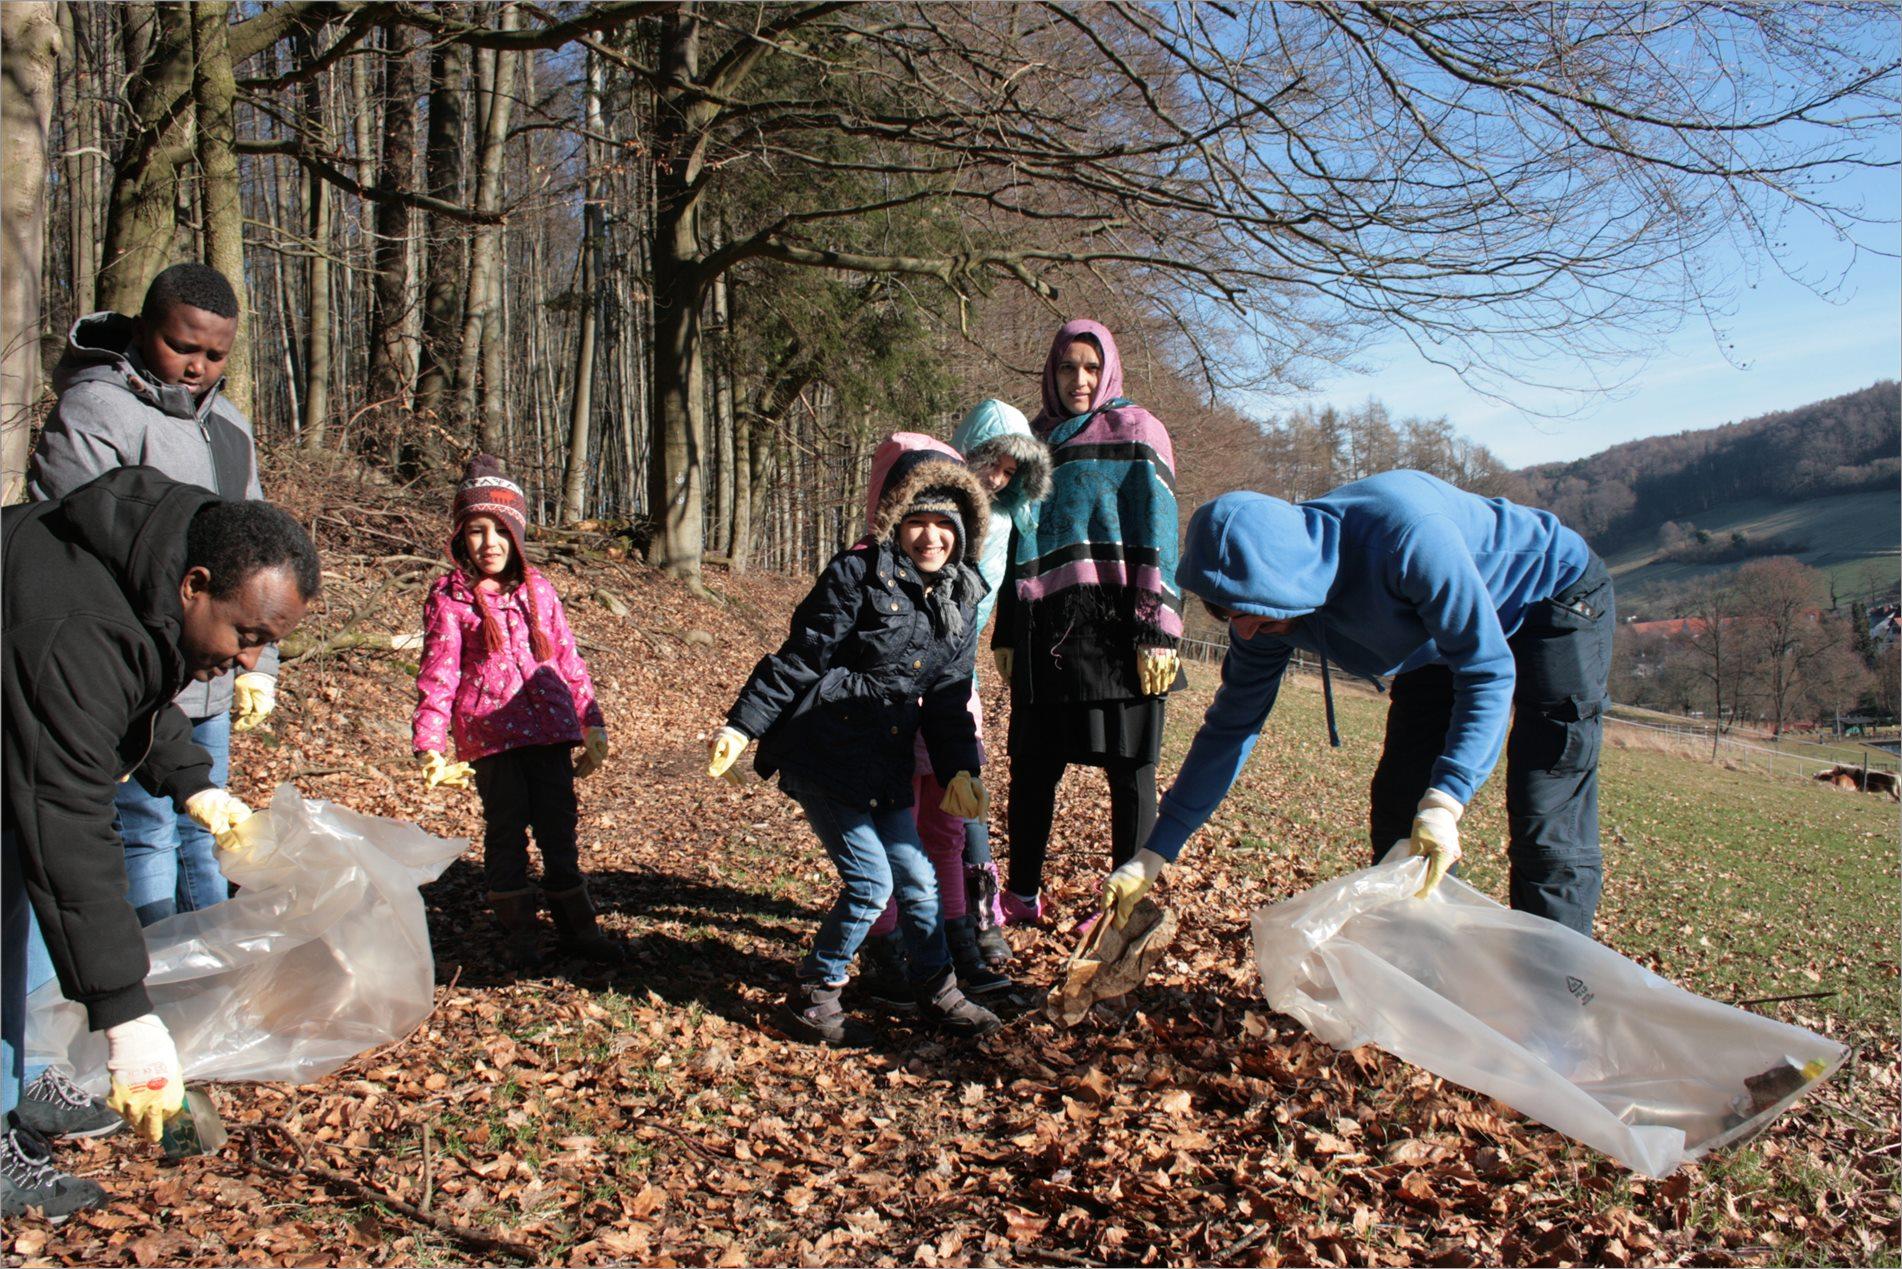 Aktion saubere Landschaft in Fischbachtal 2017 - Foto Stefanie Steinert